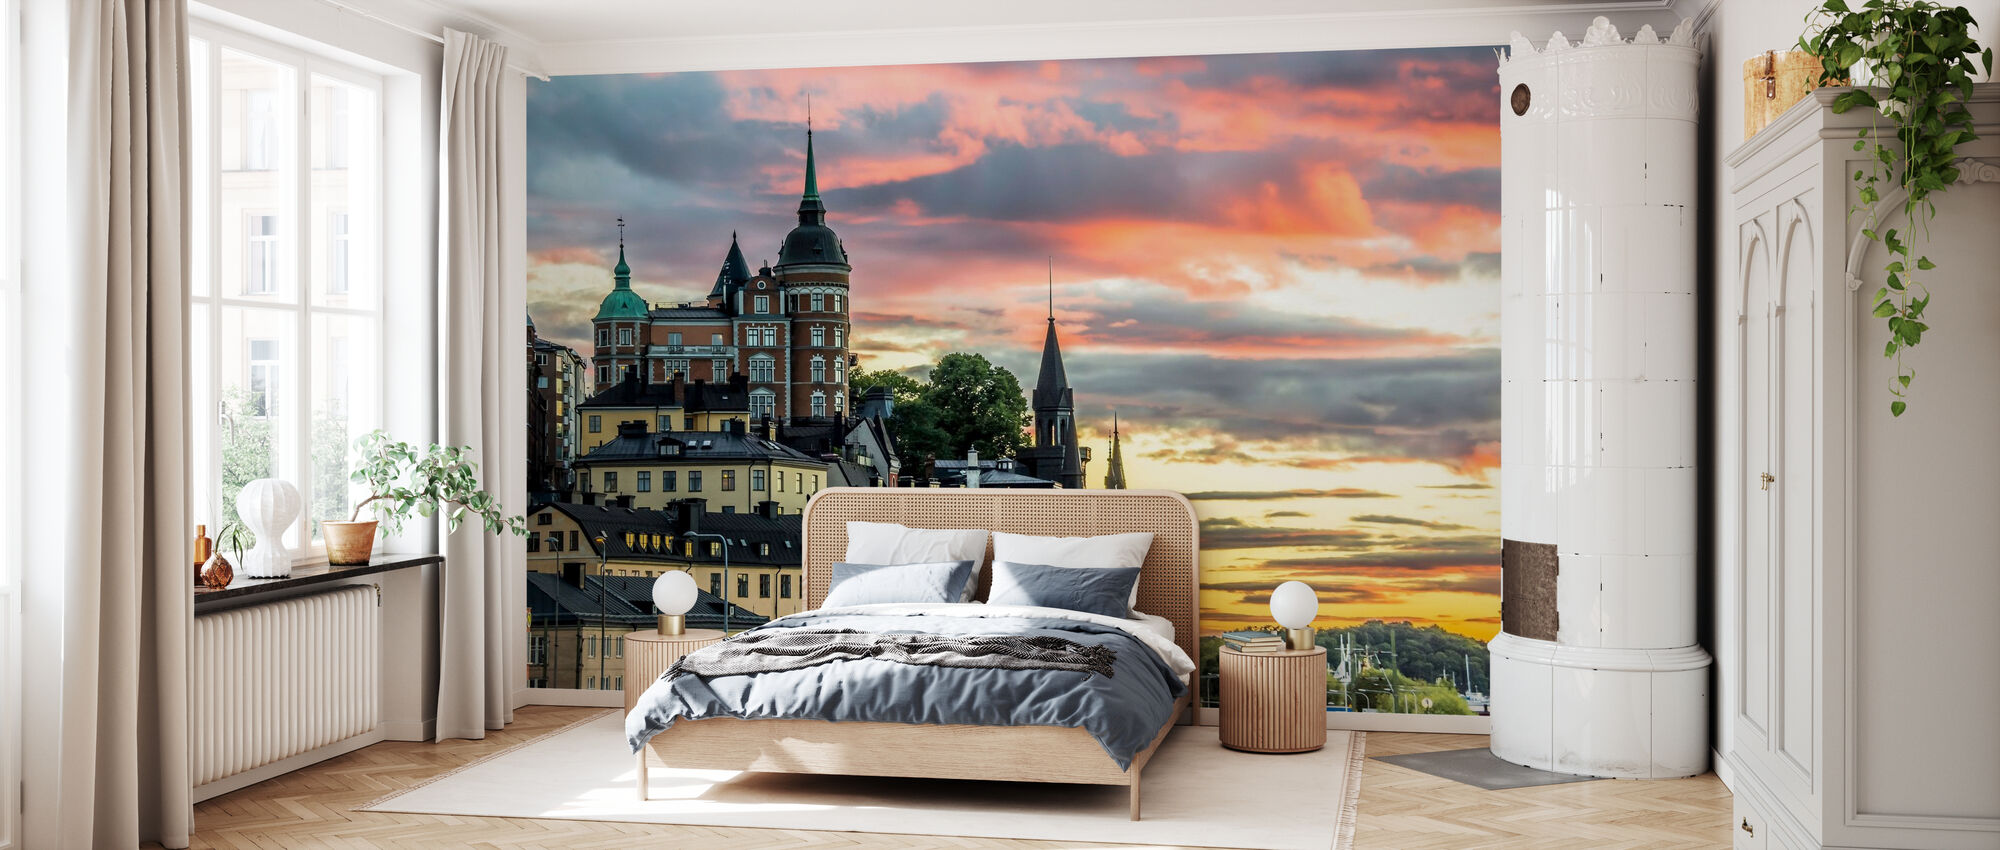 Stockholm Sunset - Wallpaper - Bedroom